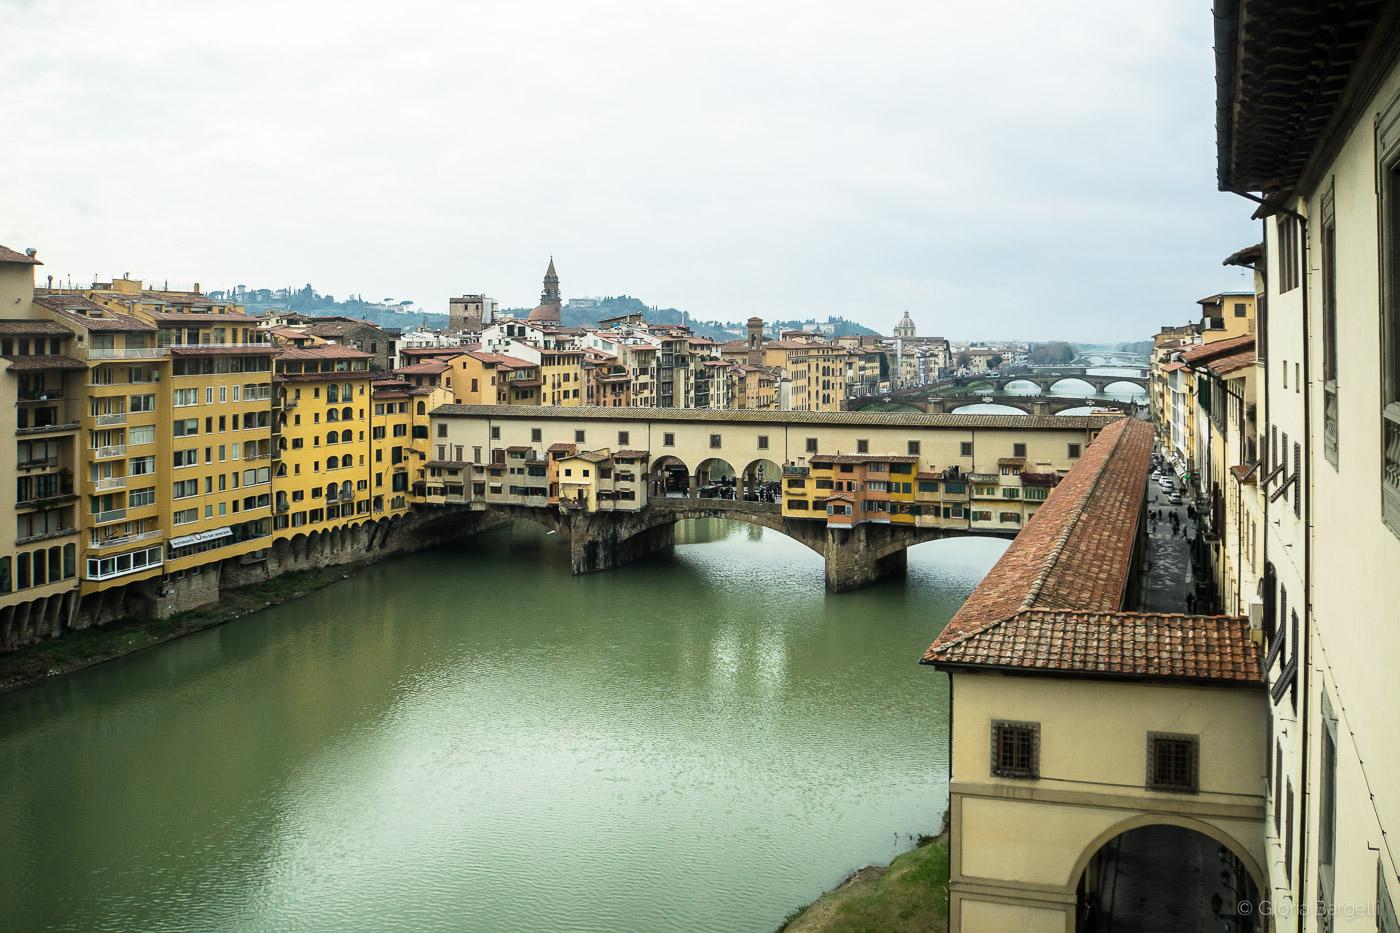 Agriturismo-la-gioconda-Vinci-Firenze-29 01 2016 Corridoio Vasariano Firenze 13 1